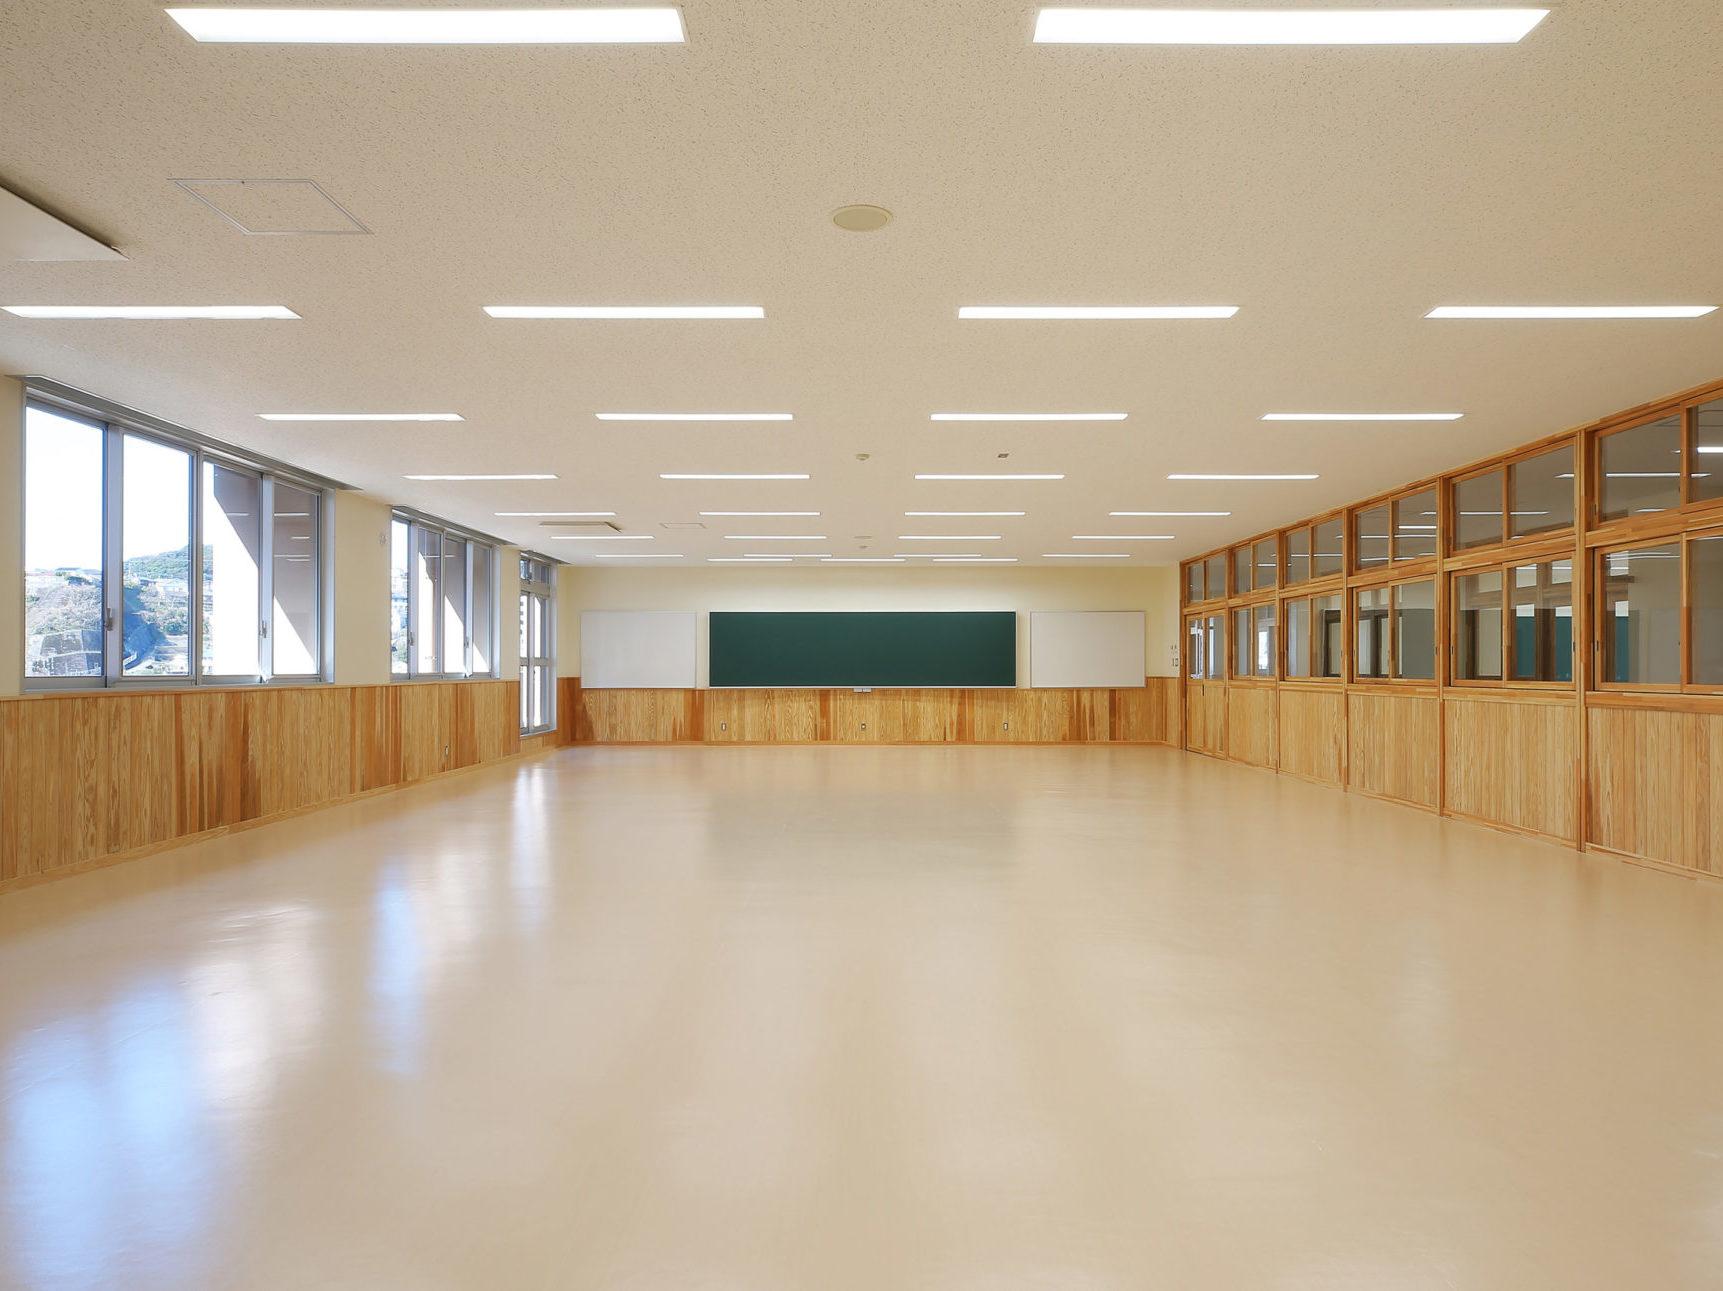 鹿児島工業高校校舎改築(4期)工事(建築・債務)